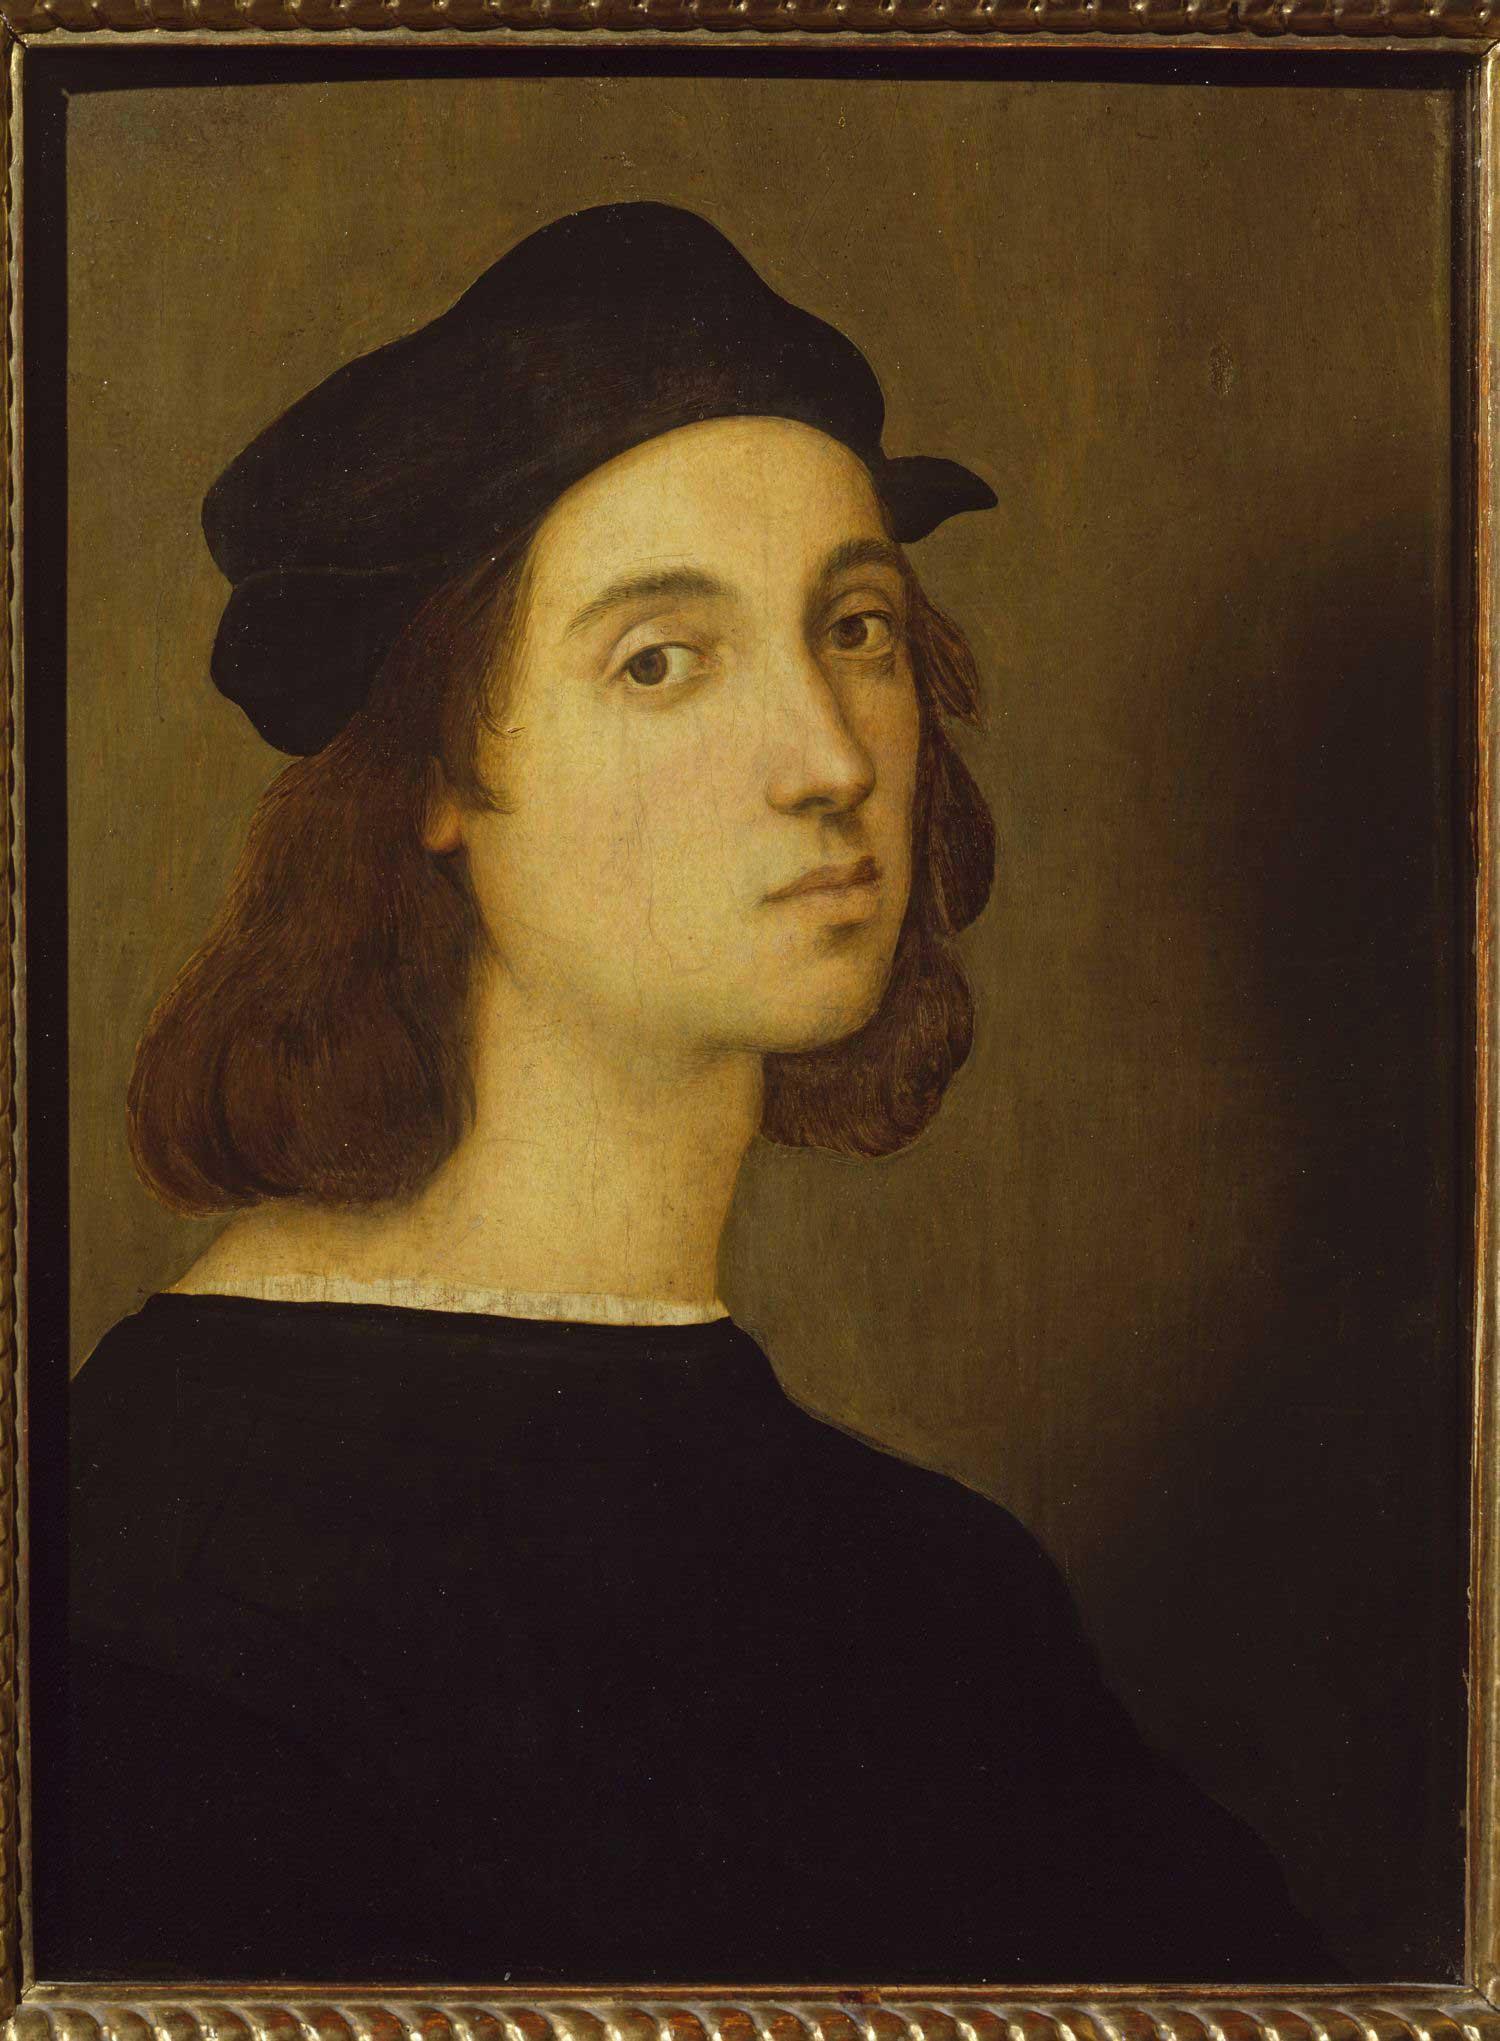 拉斐尔肖像